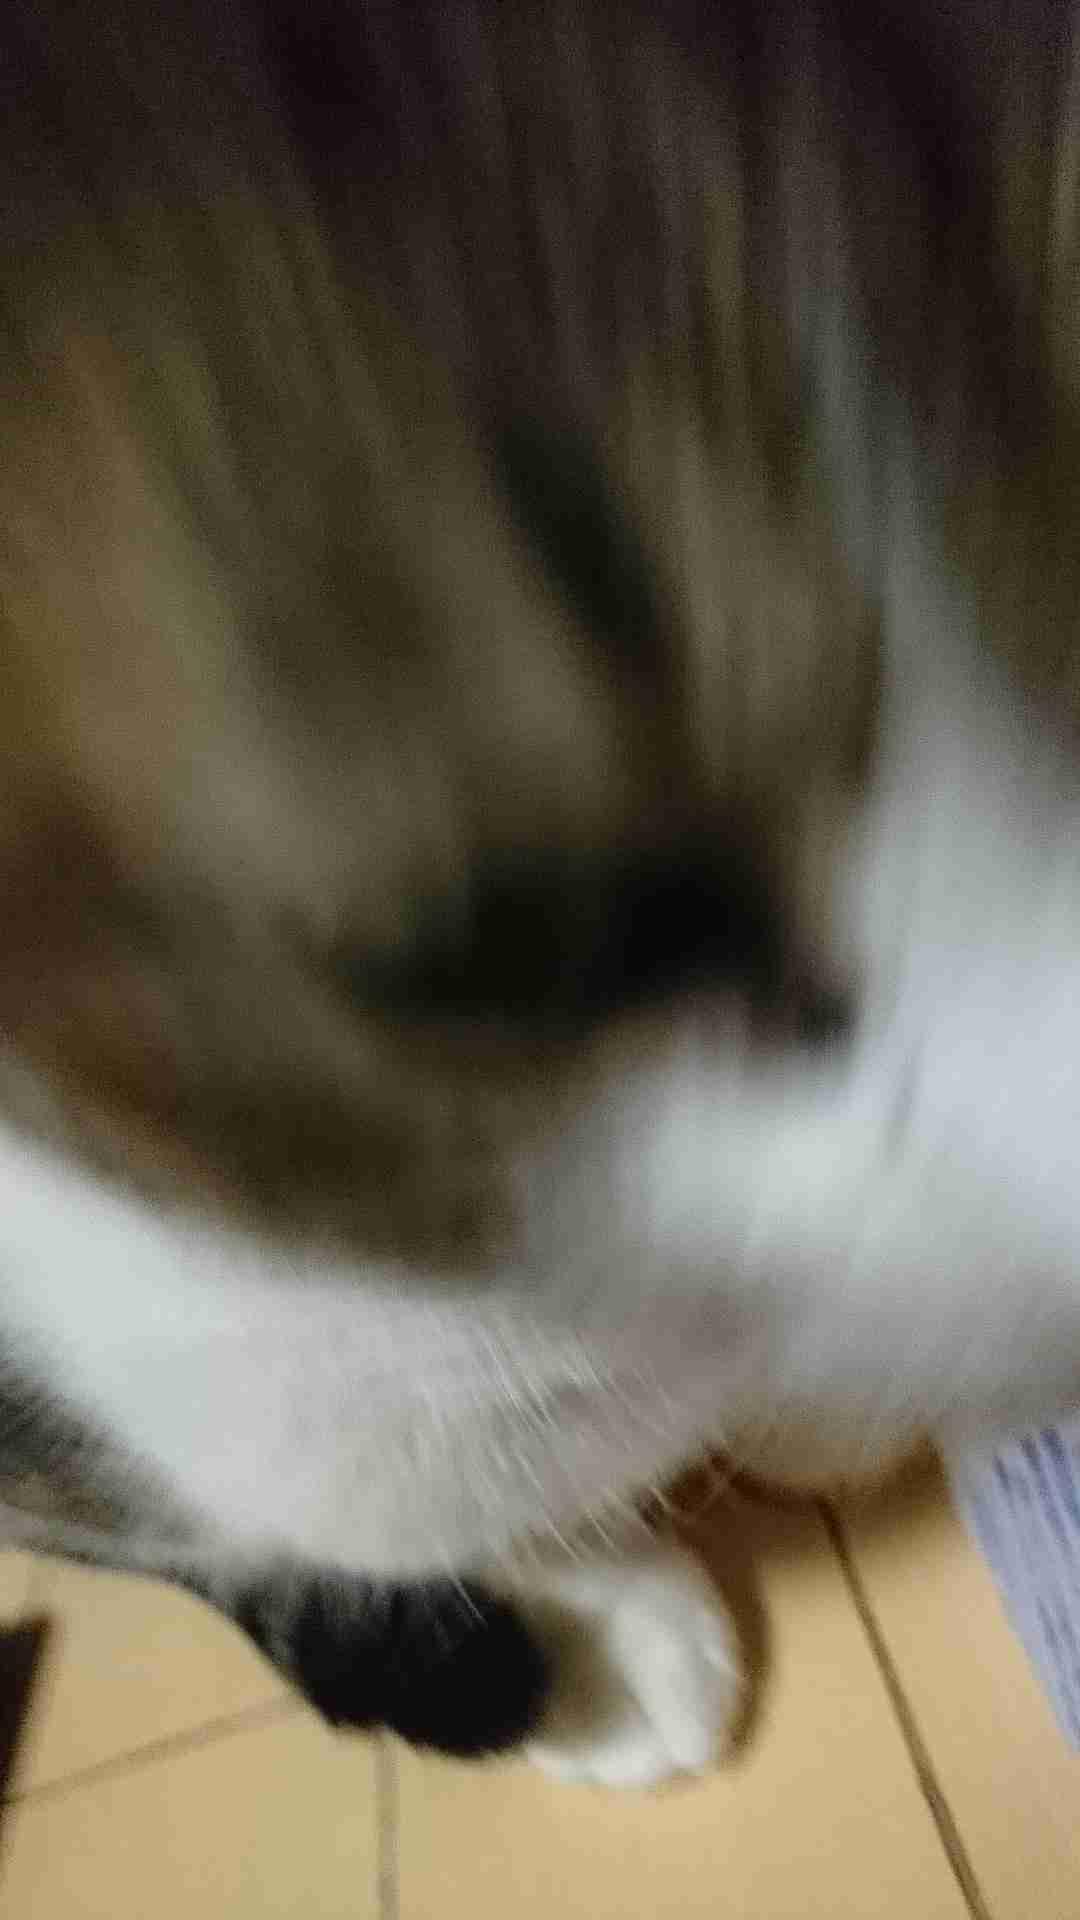 ペットの残念な画像